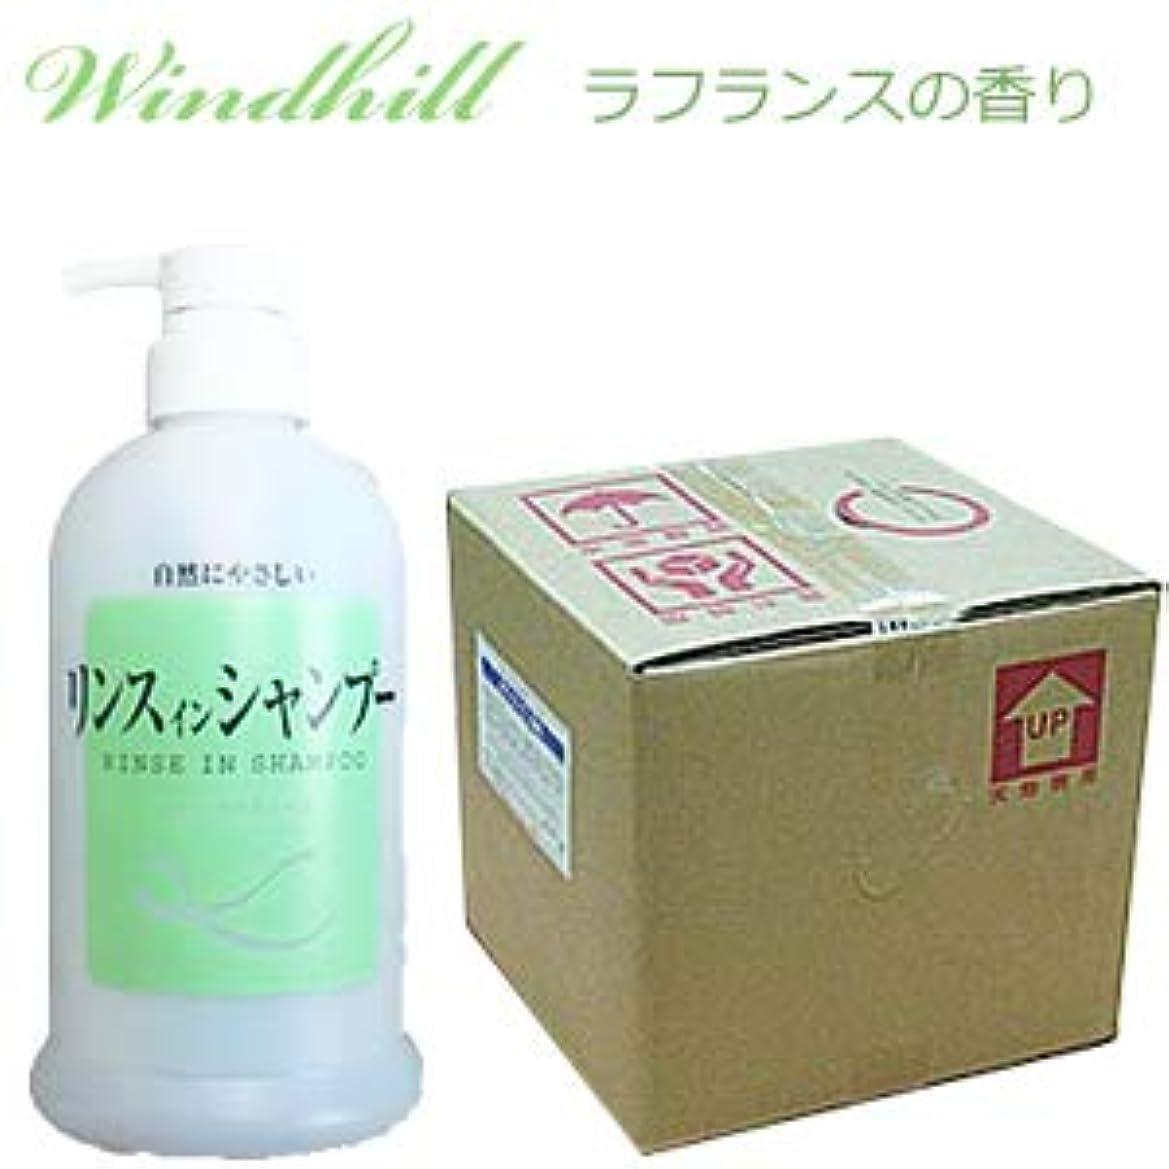 空虚リンク論理500ml当り173円 Windhill 植物性 業務用 リンスイン シャンプー 爽やかなラフランスの香り 20L